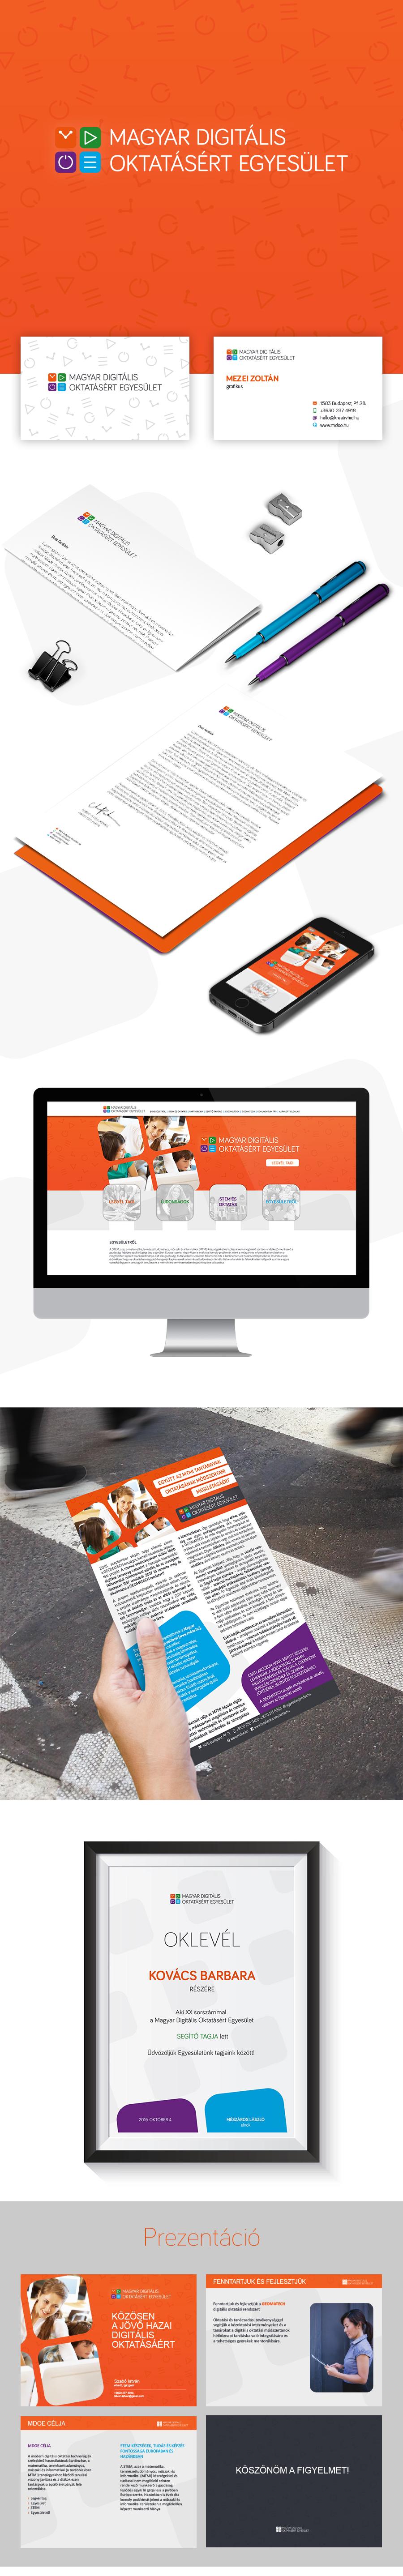 Nagyarculat tervezése - Magyar Digitális Oktatásért Alapítvány